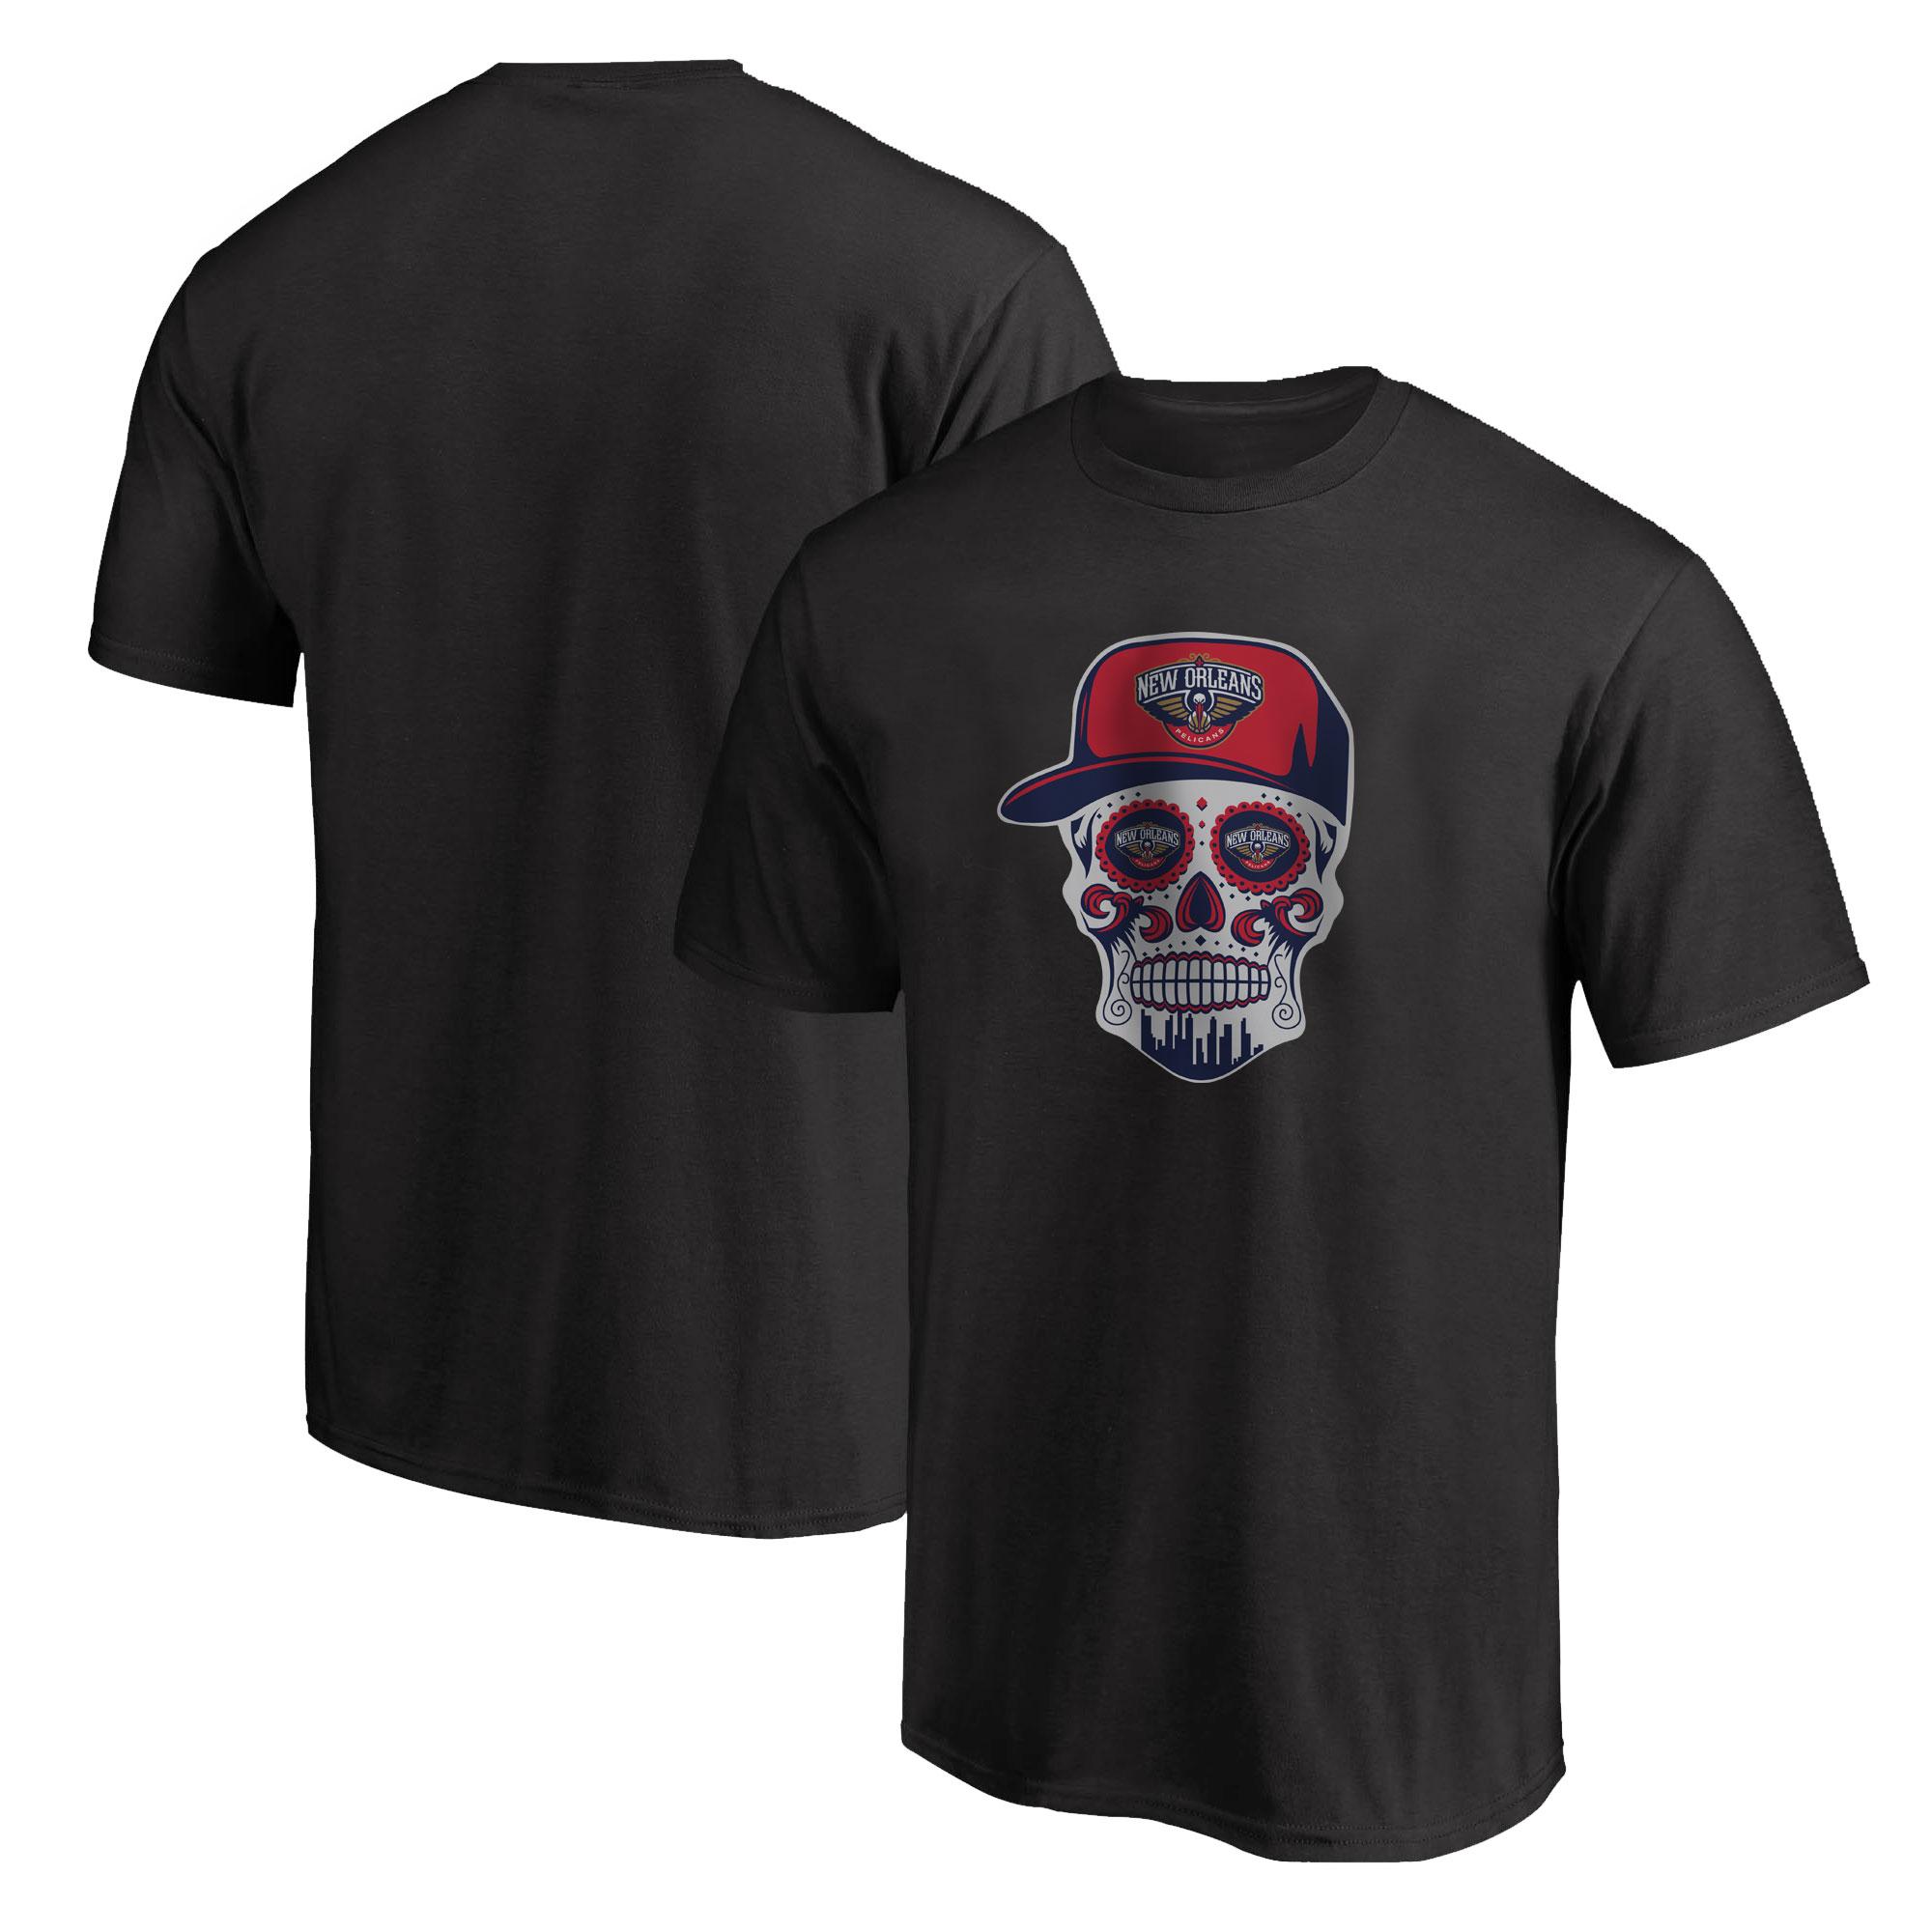 Pelicans Skull  Tshirt (TSH-BLC-NP-460-NBA-NOLA-SKULL)